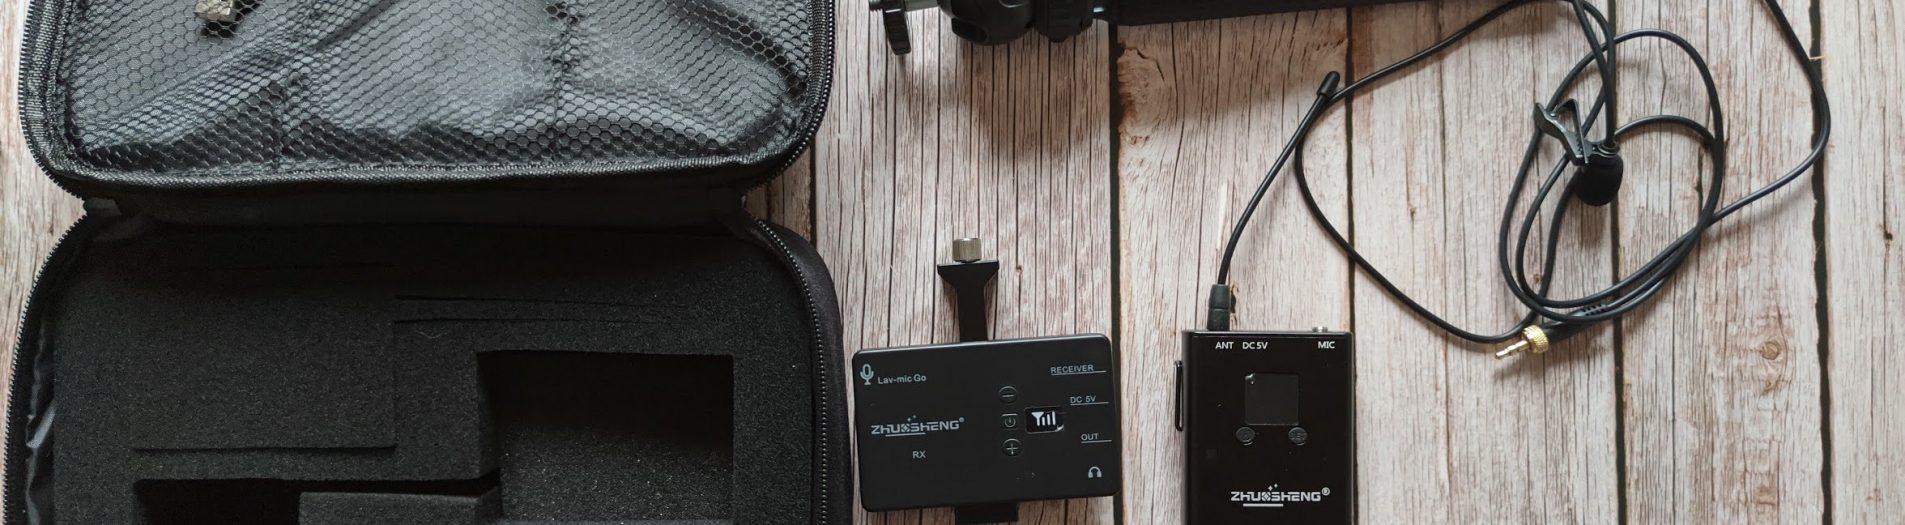 Recensione microfono wireless per cellulari ZHUOSHENG: ne vale la pena?